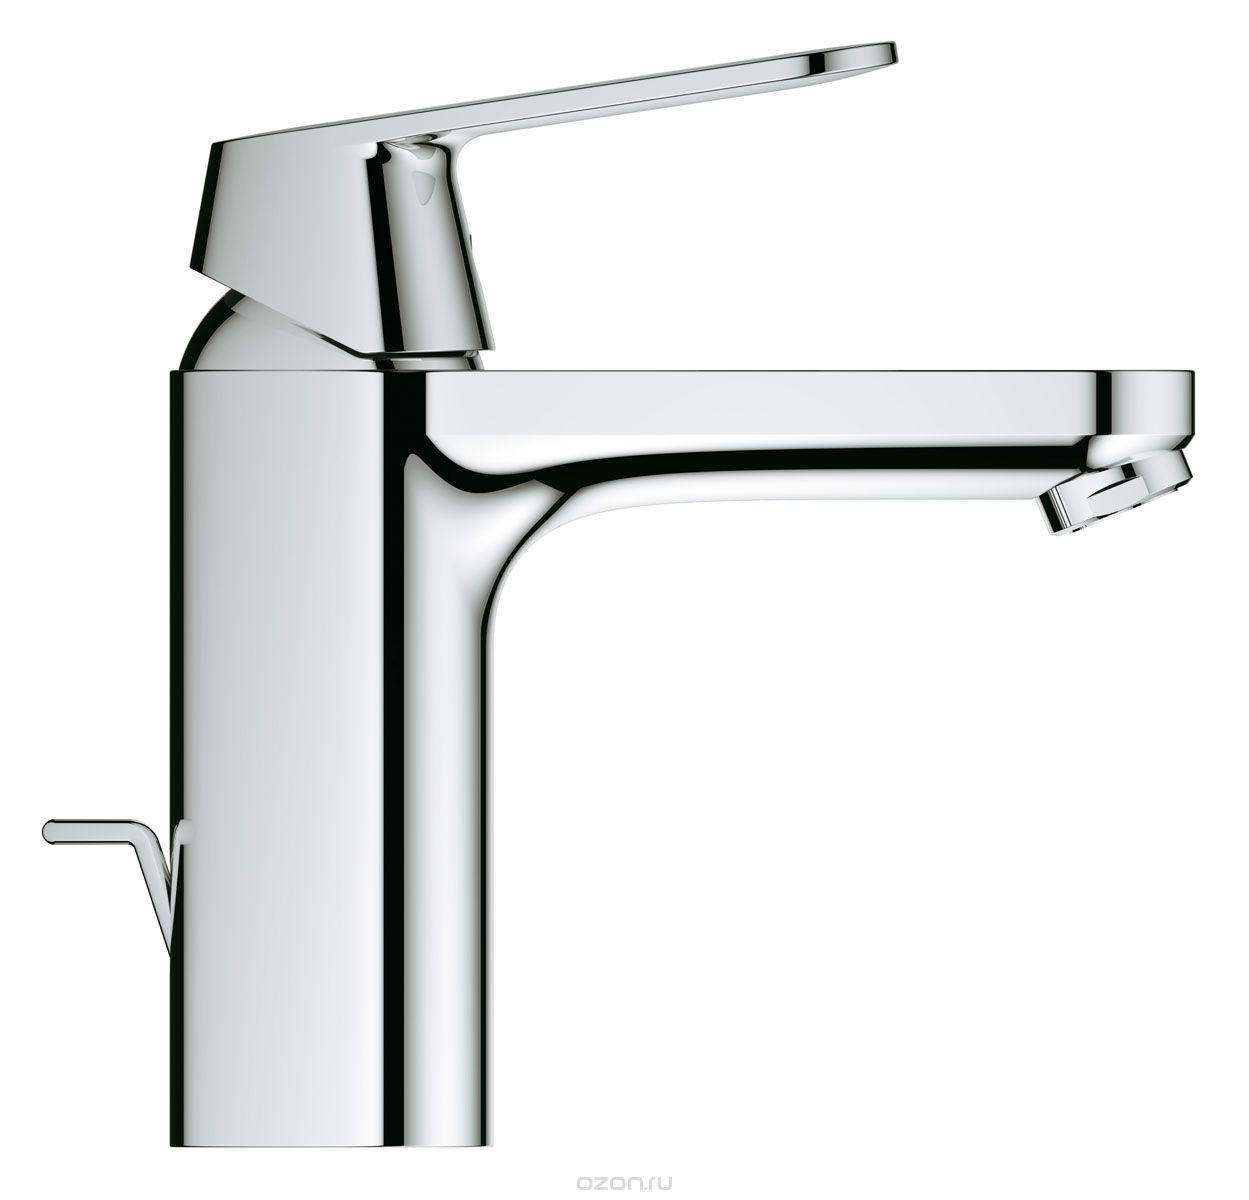 """Если вы ищете смеситель для ванной комнаты, отвечающий всем критериям комфортности, то   он перед вами! Смеситель Grohe """"Eurosmart Cosmopolitan"""" со штоковым сливным   клапаном удовлетворит всем вашим требованиям с точки зрения дизайна, функциональности и   повседневных рабочих качеств. В нем применяется технология GROHE EcoJoy, которая позволит   вам экономить до 50% воды. По ощущениям поток воды будет обильным и полноценным, а ее   расход при этом сократится, что принесет пользу и окружающей   среде, и семейному бюджету. Этот смеситель Grohe """"Eurosmart Cosmopolitan"""" - идеальный выбор   для оснащения вашей ванной комнаты. Особенности: - монтаж на одно отверстие; - средняя высота; - металлический рычаг; - керамический картридж 35 мм; - хромированная поверхность; - расход: 5,7 л/мин; - регулировка расхода воды; - сливной гарнитур: 1, 1/4; - гибкая подводка; - быстрая монтажная система; - дополнительный ограничитель температуры.    Видео по установке является исключительно информационным. Установка должна проводиться профессионалами!"""